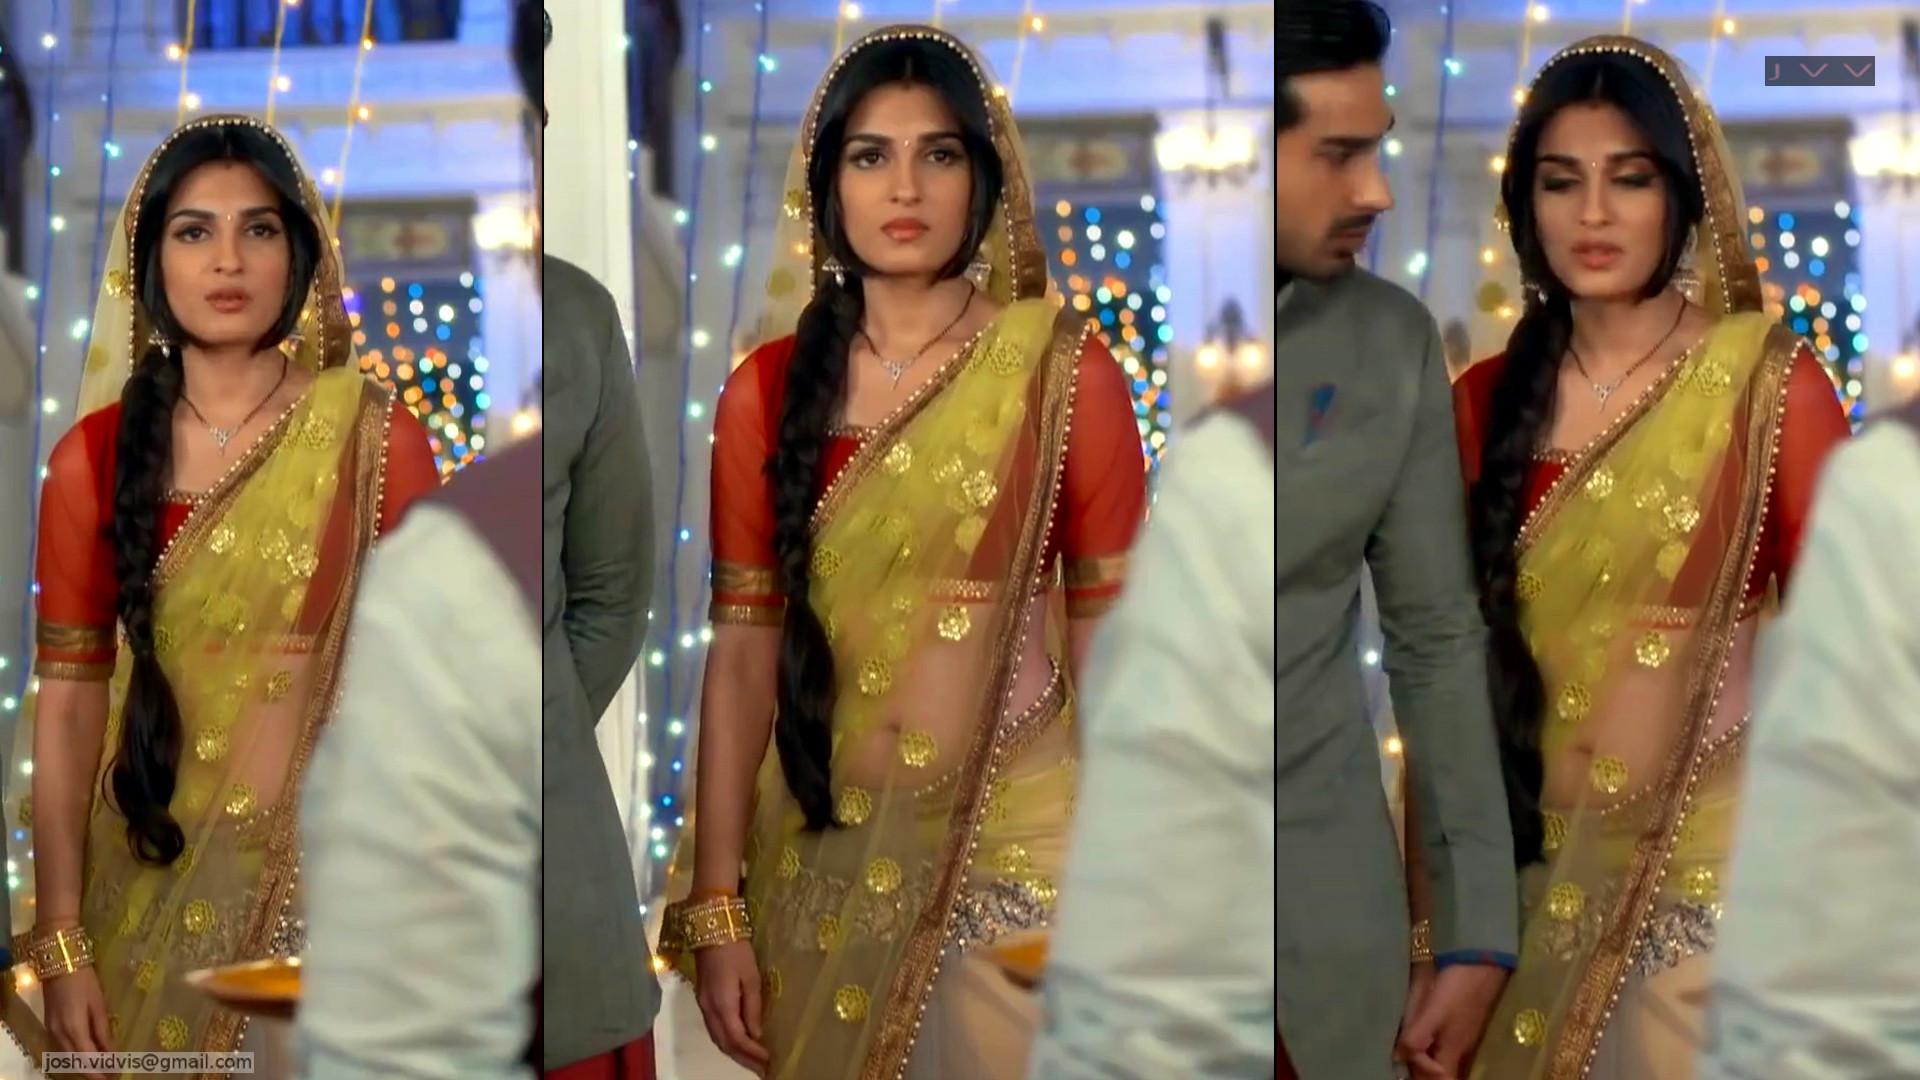 Shiny Doshi Desi TV actress navel show in transparent sari